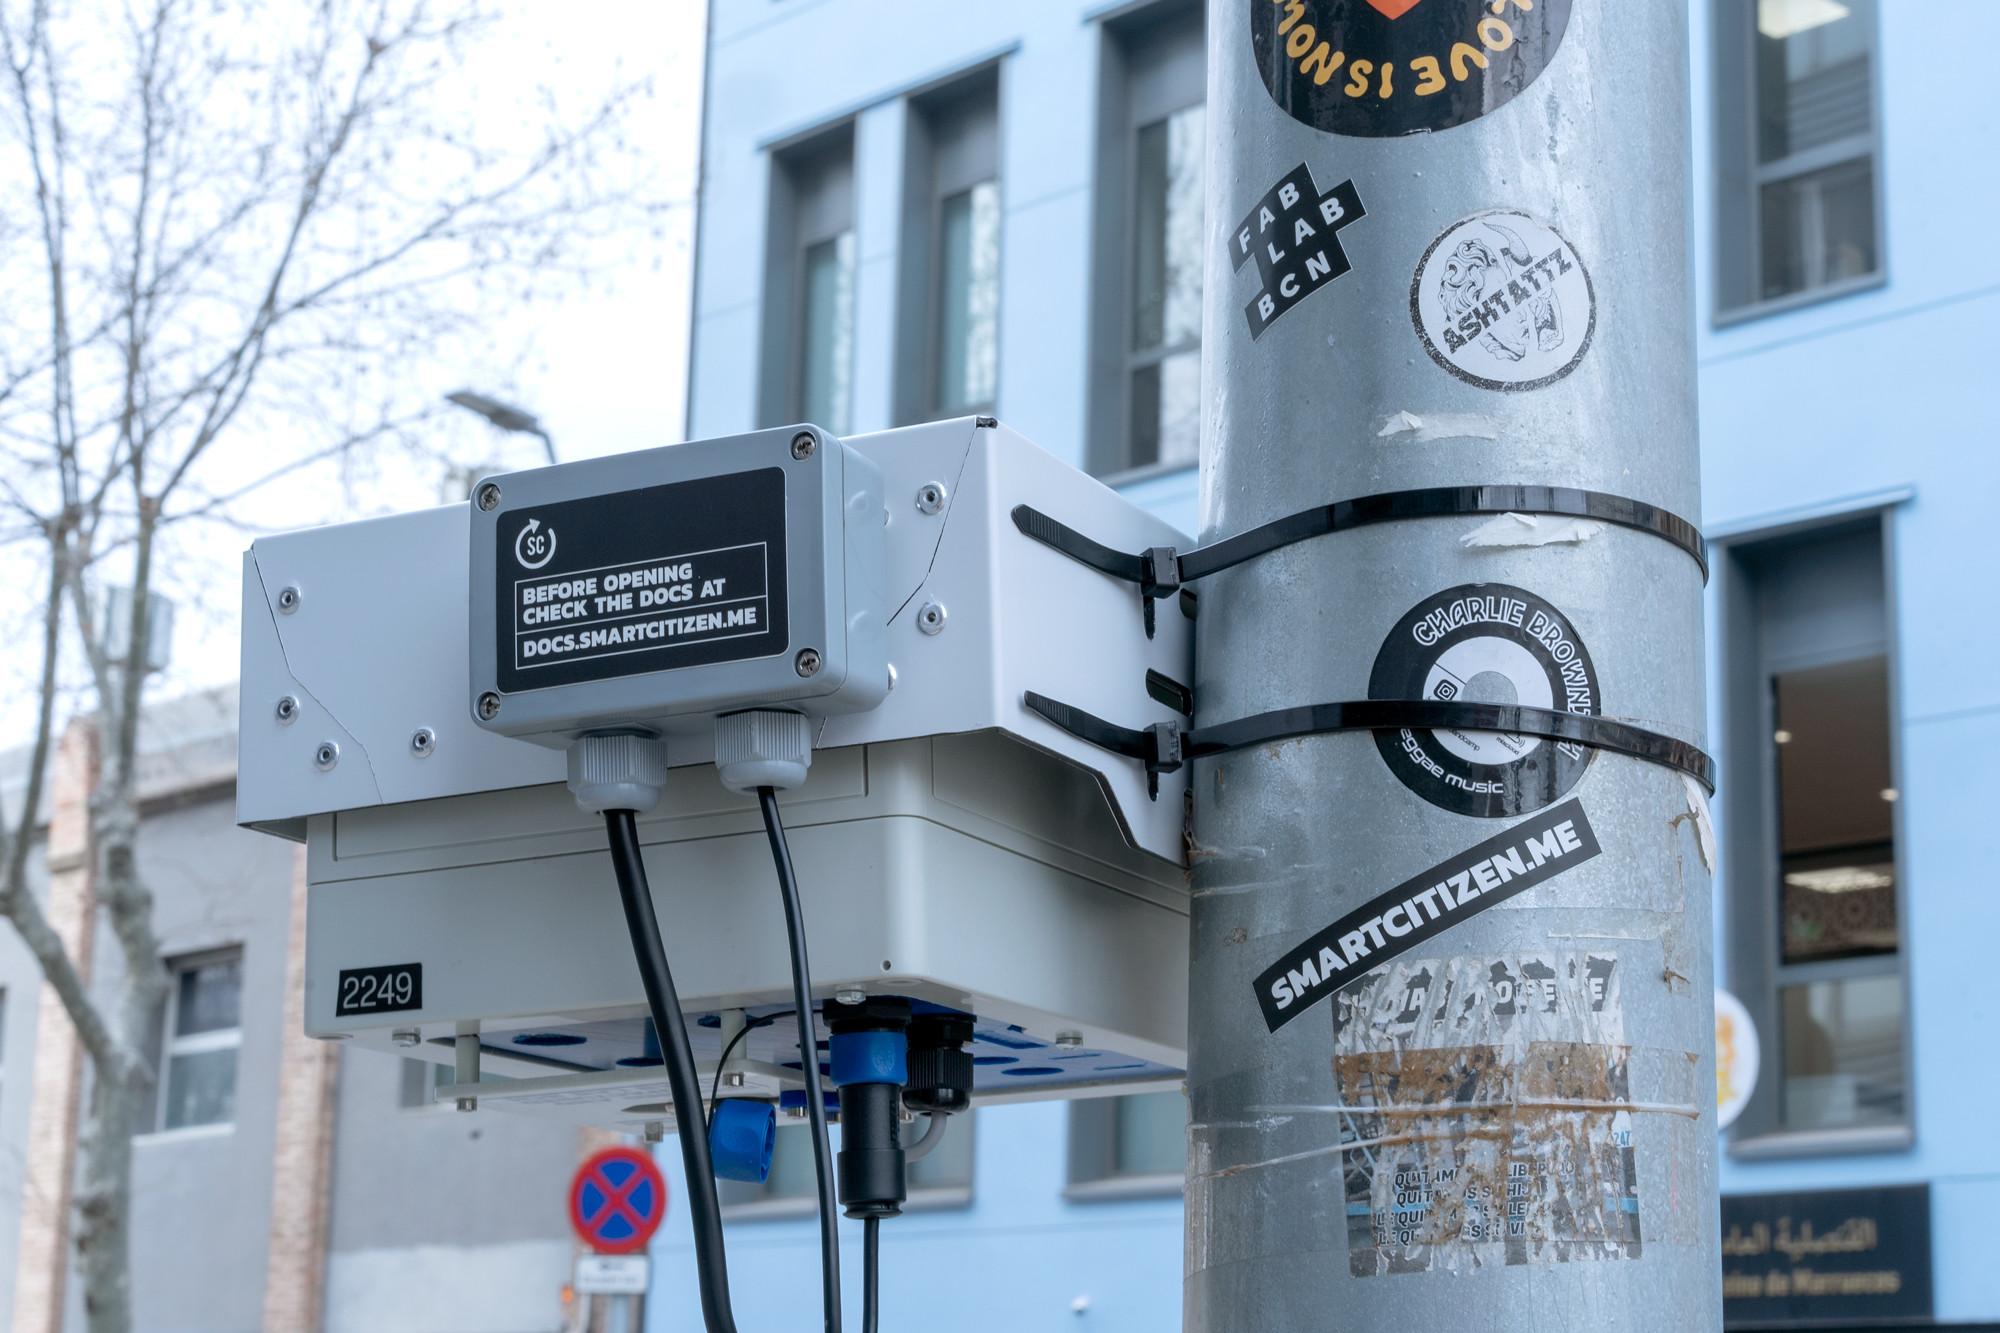 Smart Citizen Station v3